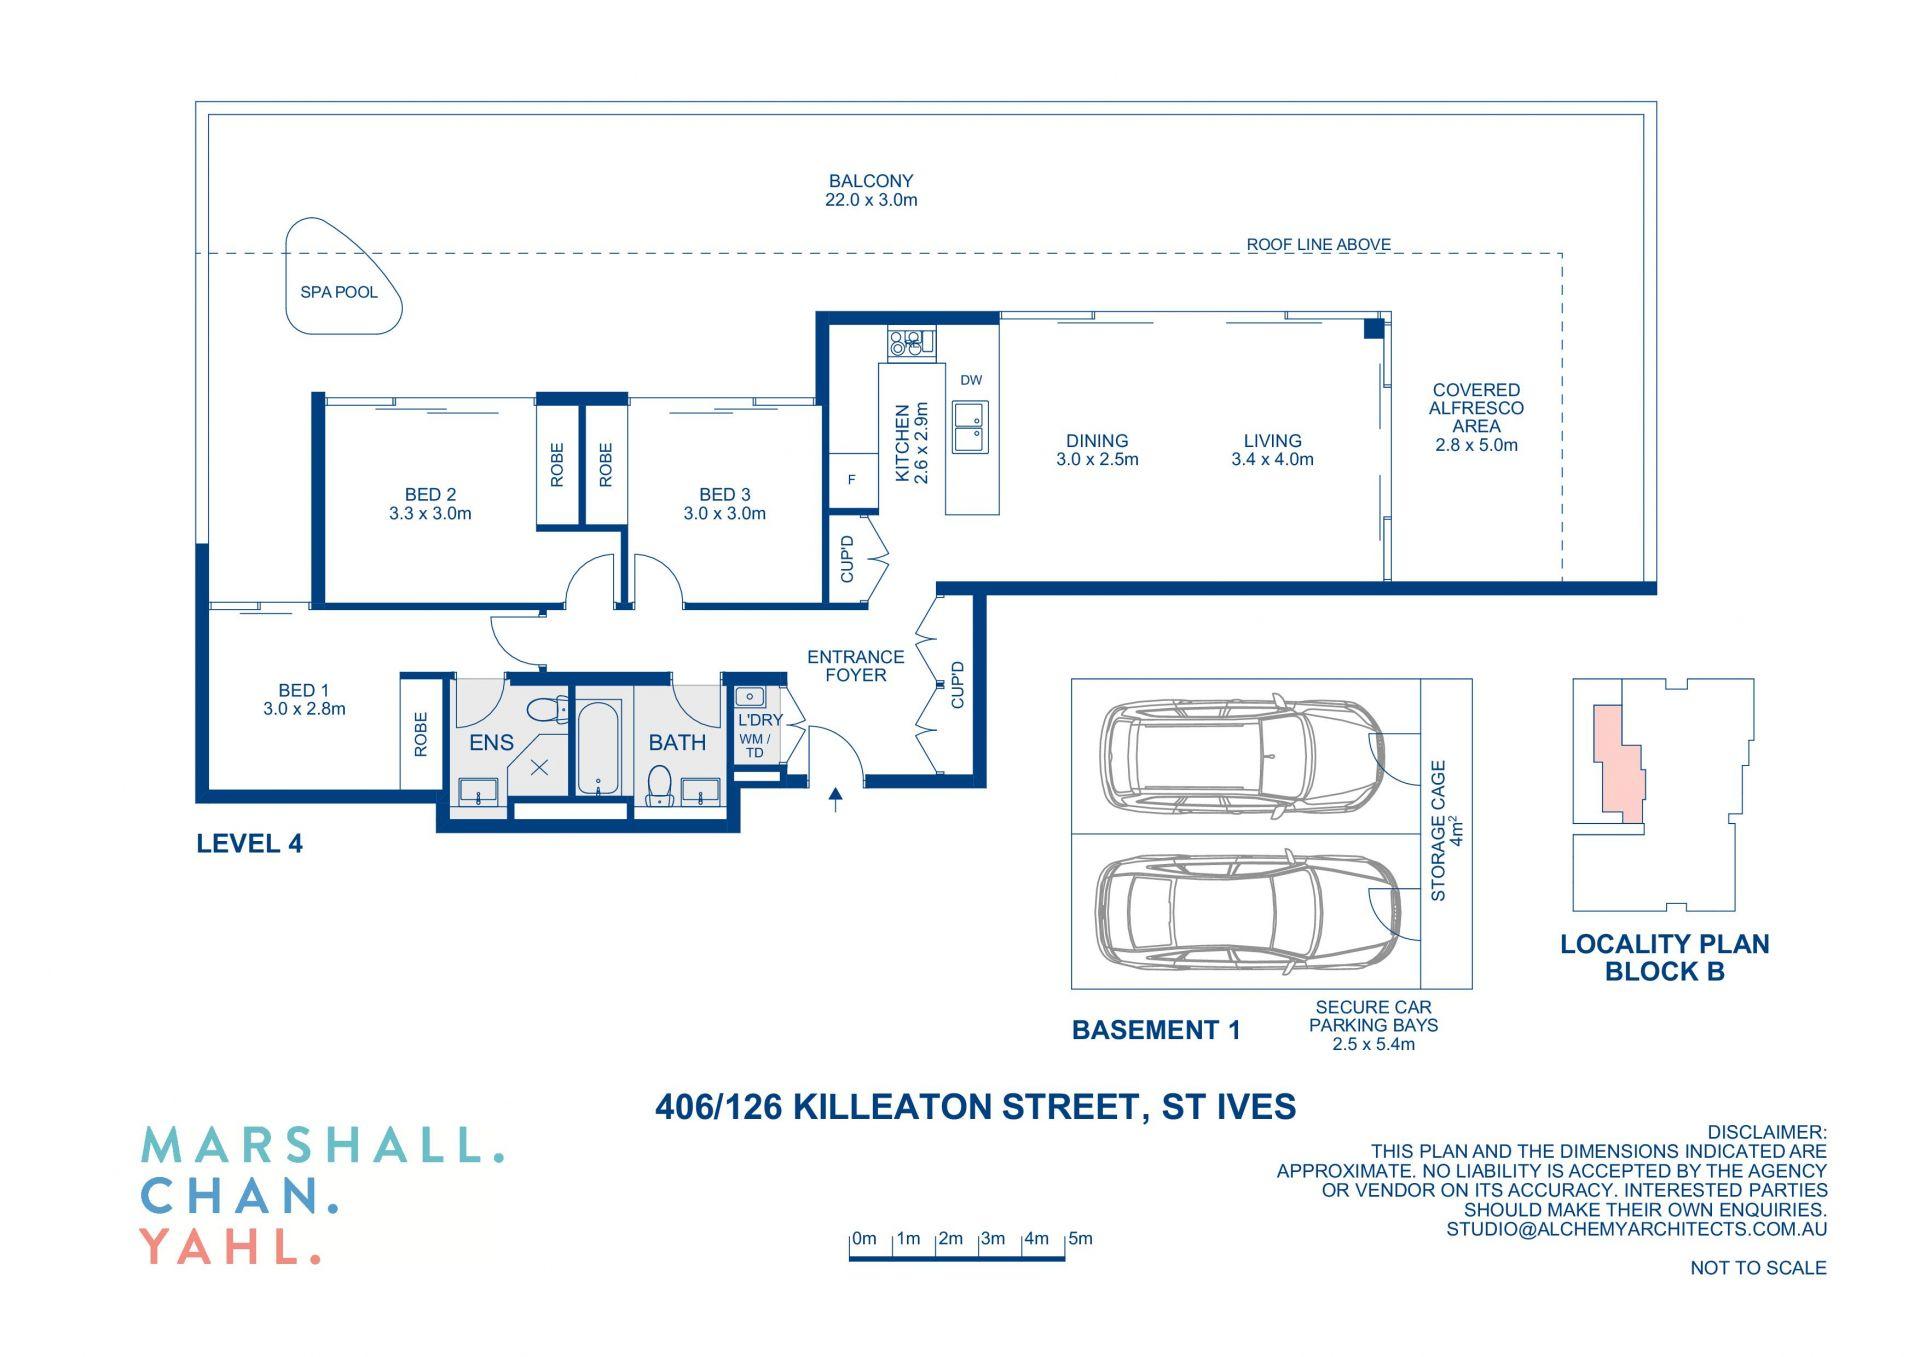 406/126 Killeaton Street St Ives 2075